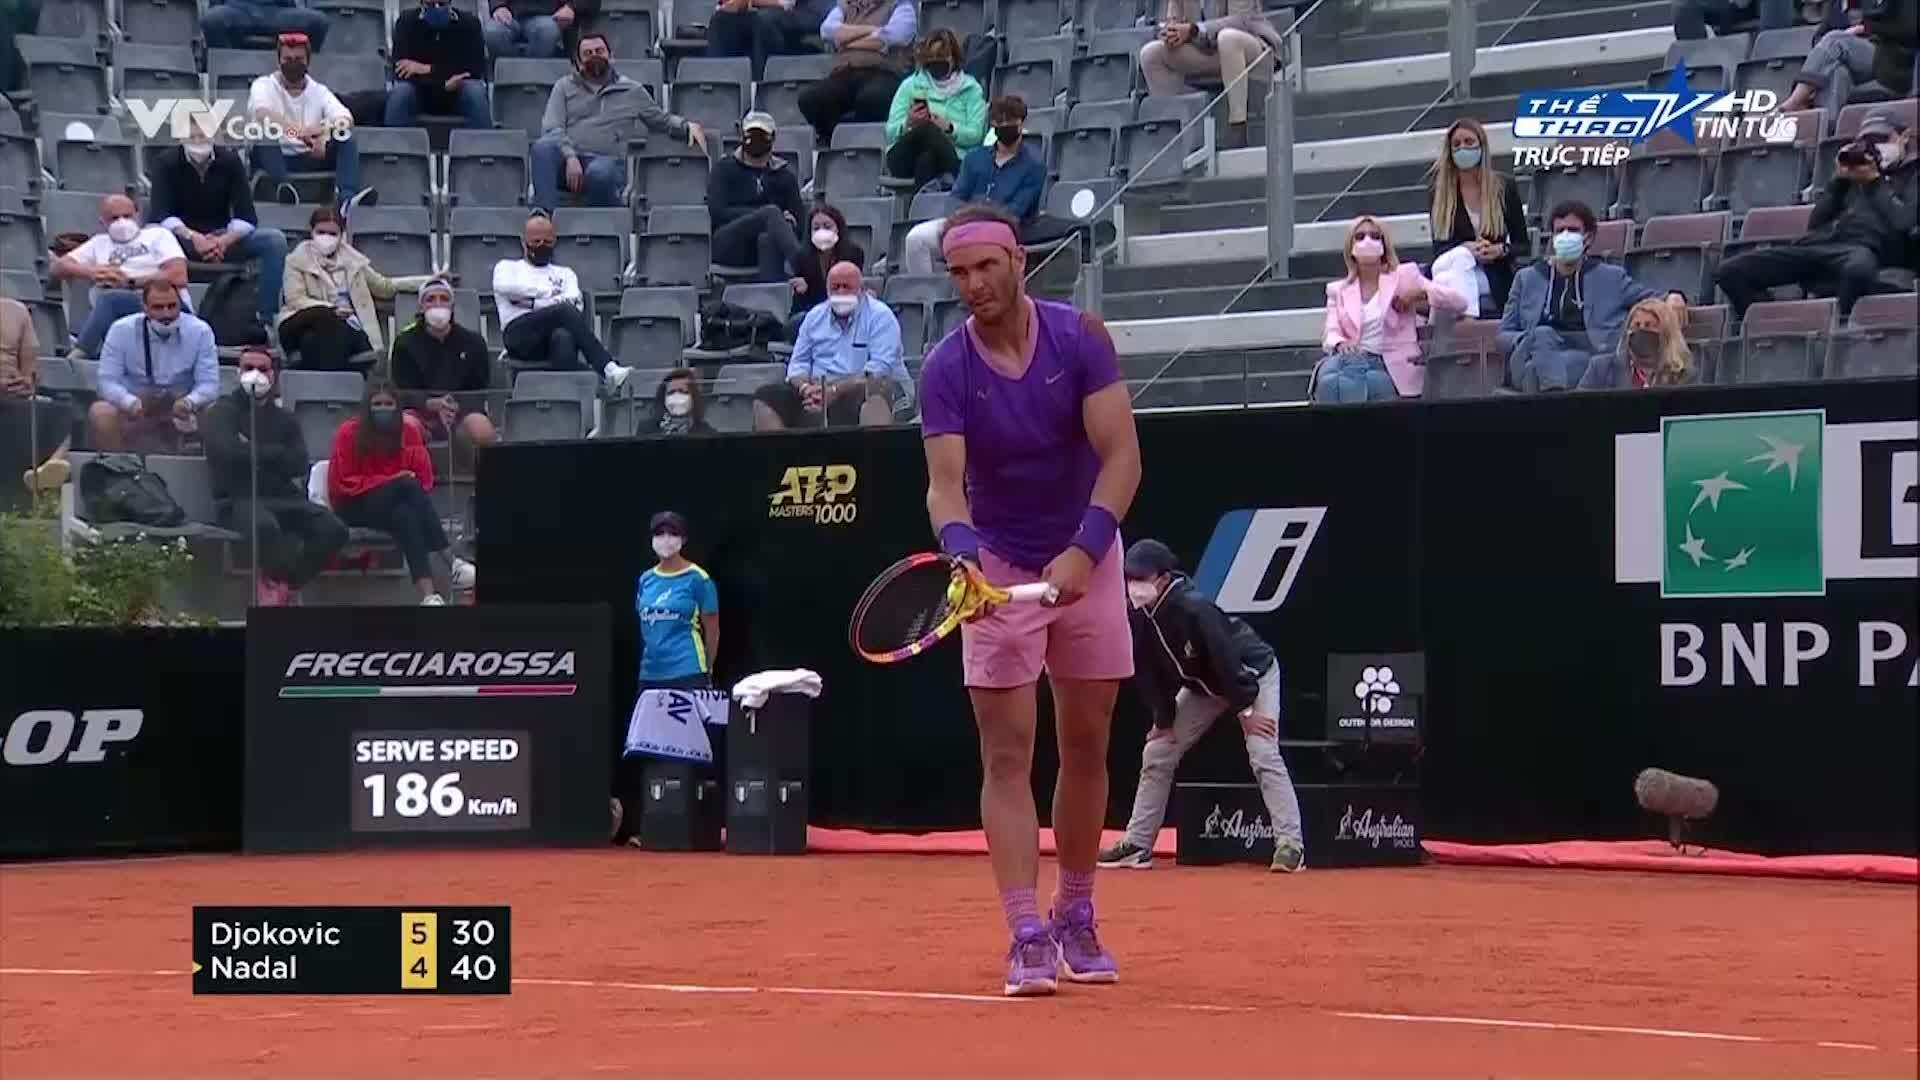 Djokovic 2-1 Nadal